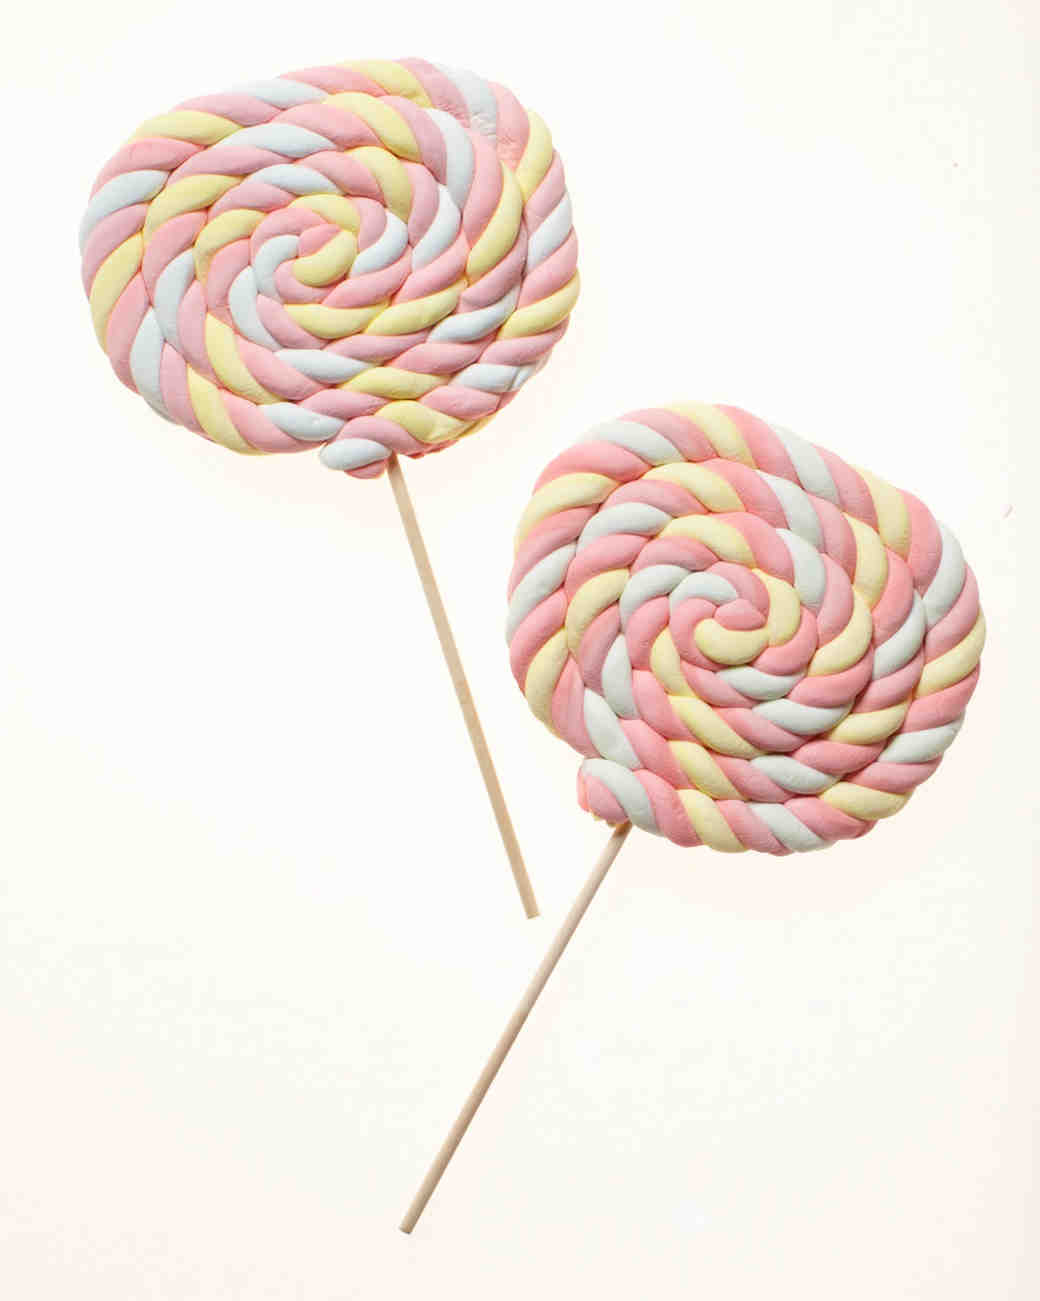 candy-dylan-sum11d107396-036.jpg